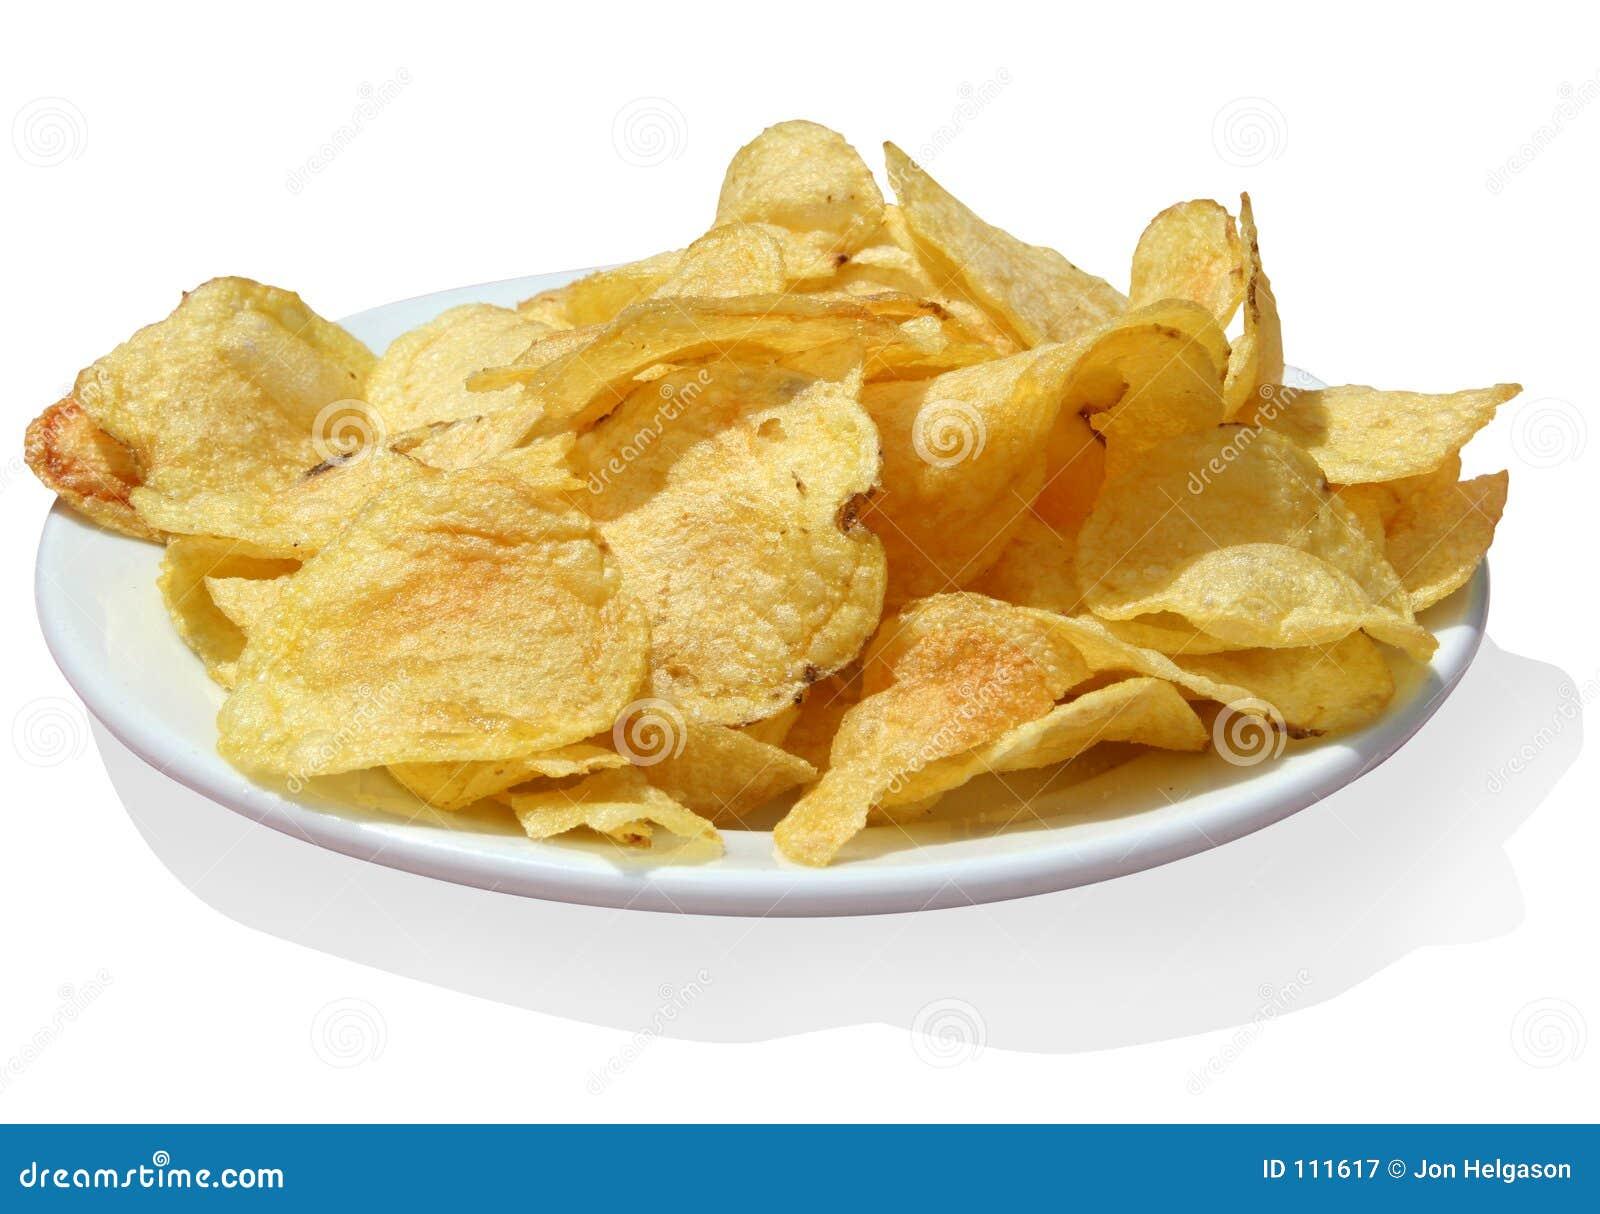 Potato chips w/path